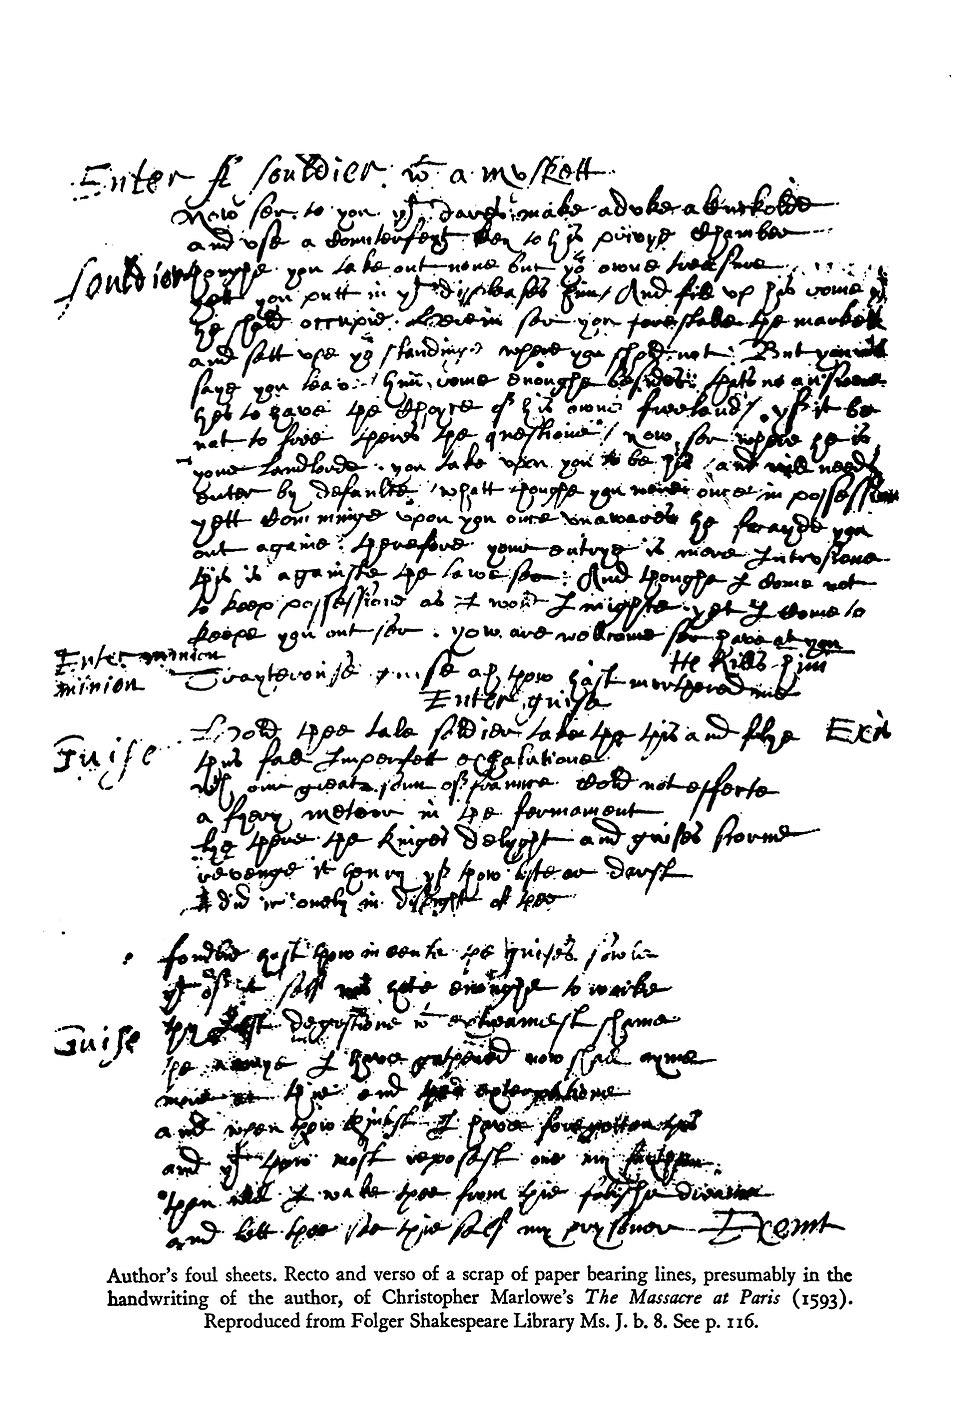 Handwriting-Marlowe-Massacre-1